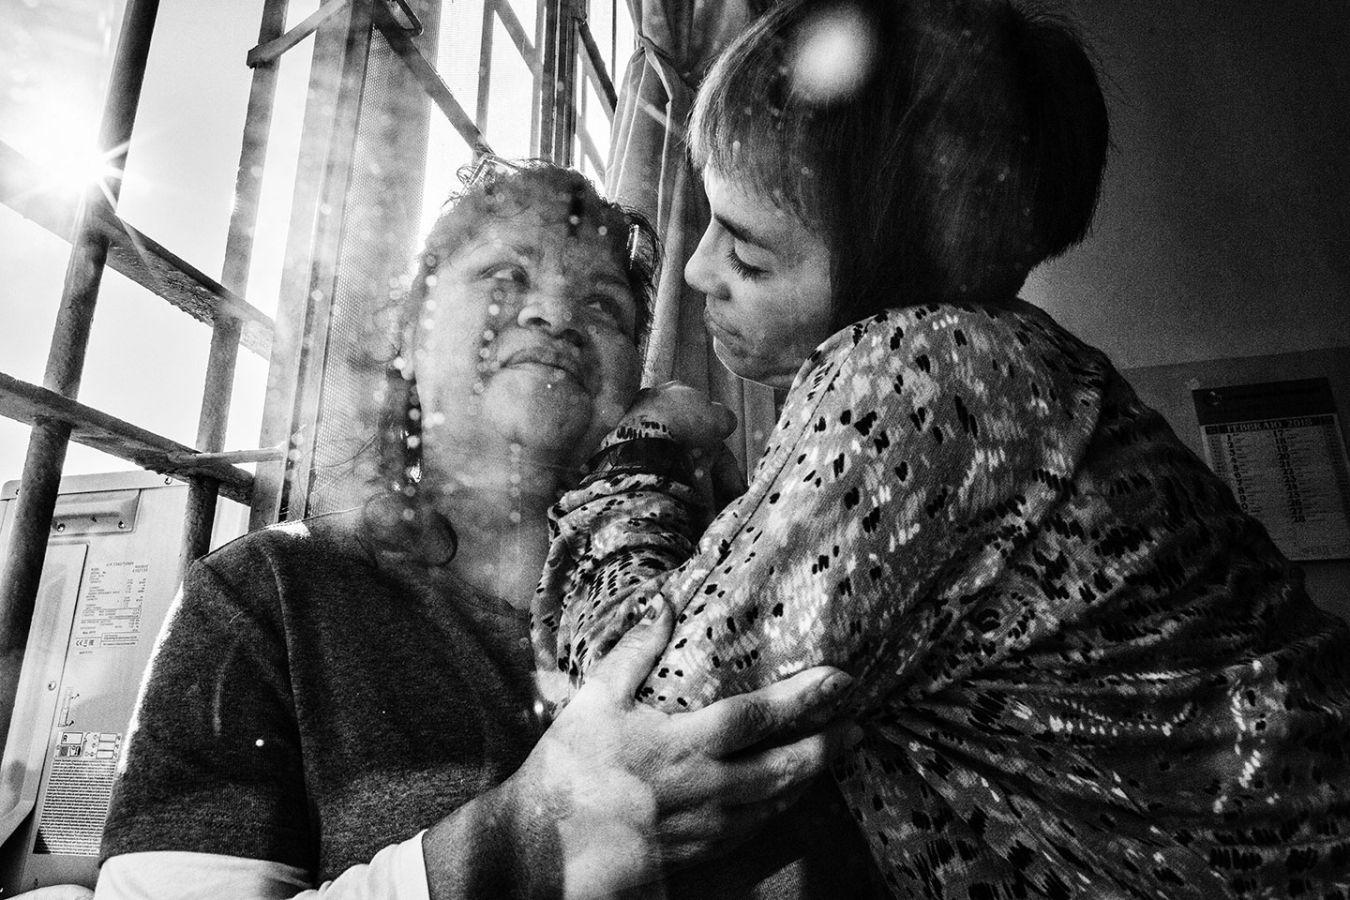 Любовь в миланской тюрьме Сан-Витторе, 11 декабря 2019 г.